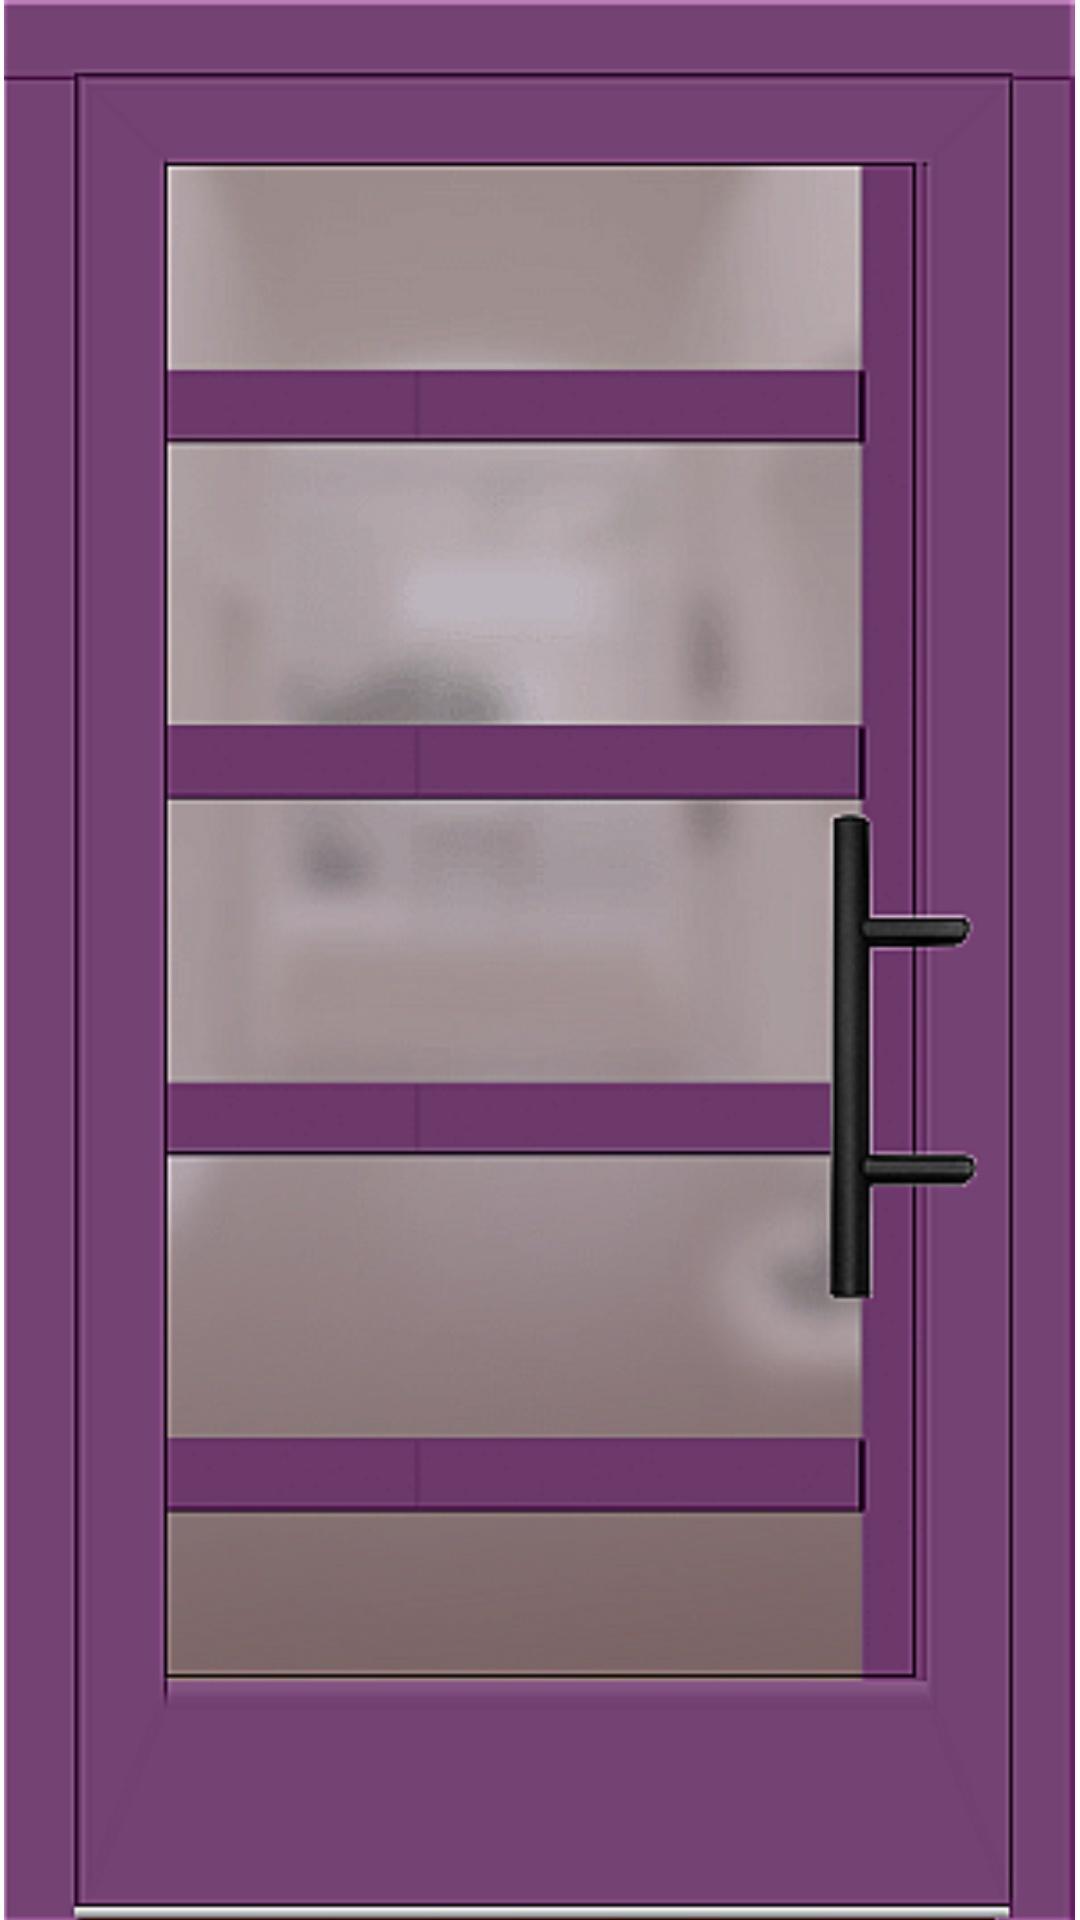 Holz Haustür Modell 5740 singalviolett